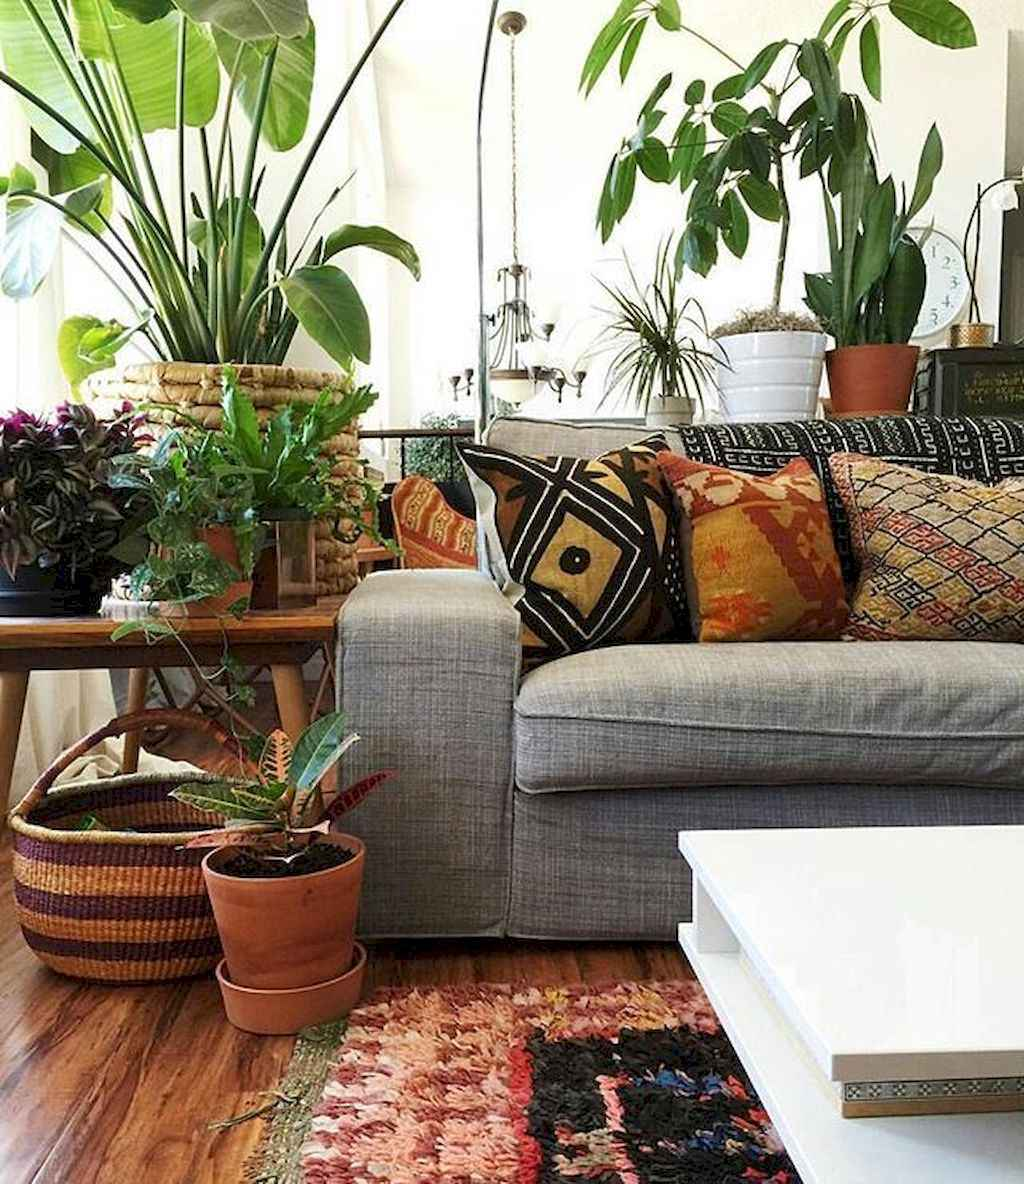 79 Cozy Modern Farmhouse Living Room Decor Ideas: 21 Cozy Modern Farmhouse Living Room Decor Ideas